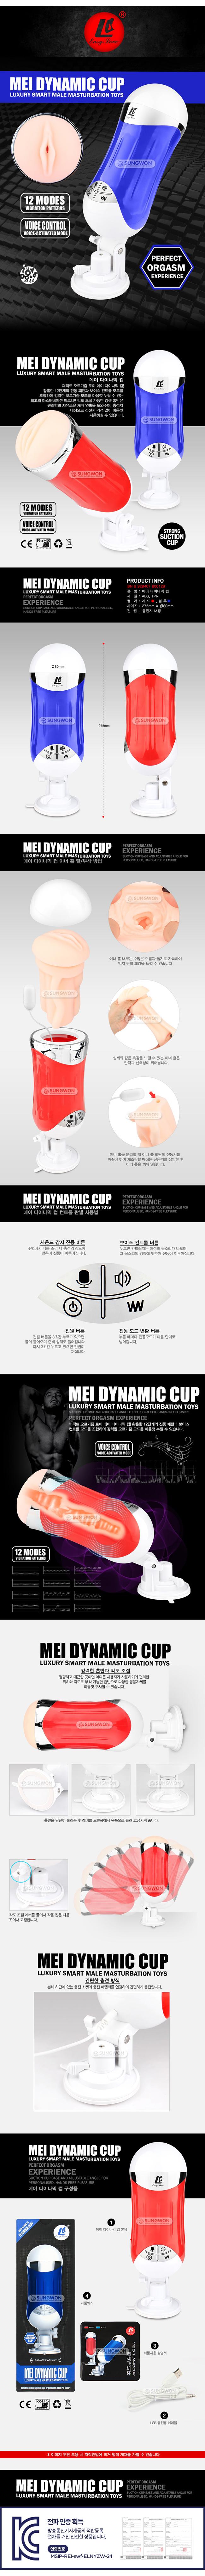 [12단 진동 패턴+보이스 컨트롤] 메이 다이나믹 컵(Mei Dynamic Cup) - 이지러브(6928407800129) (SAH)